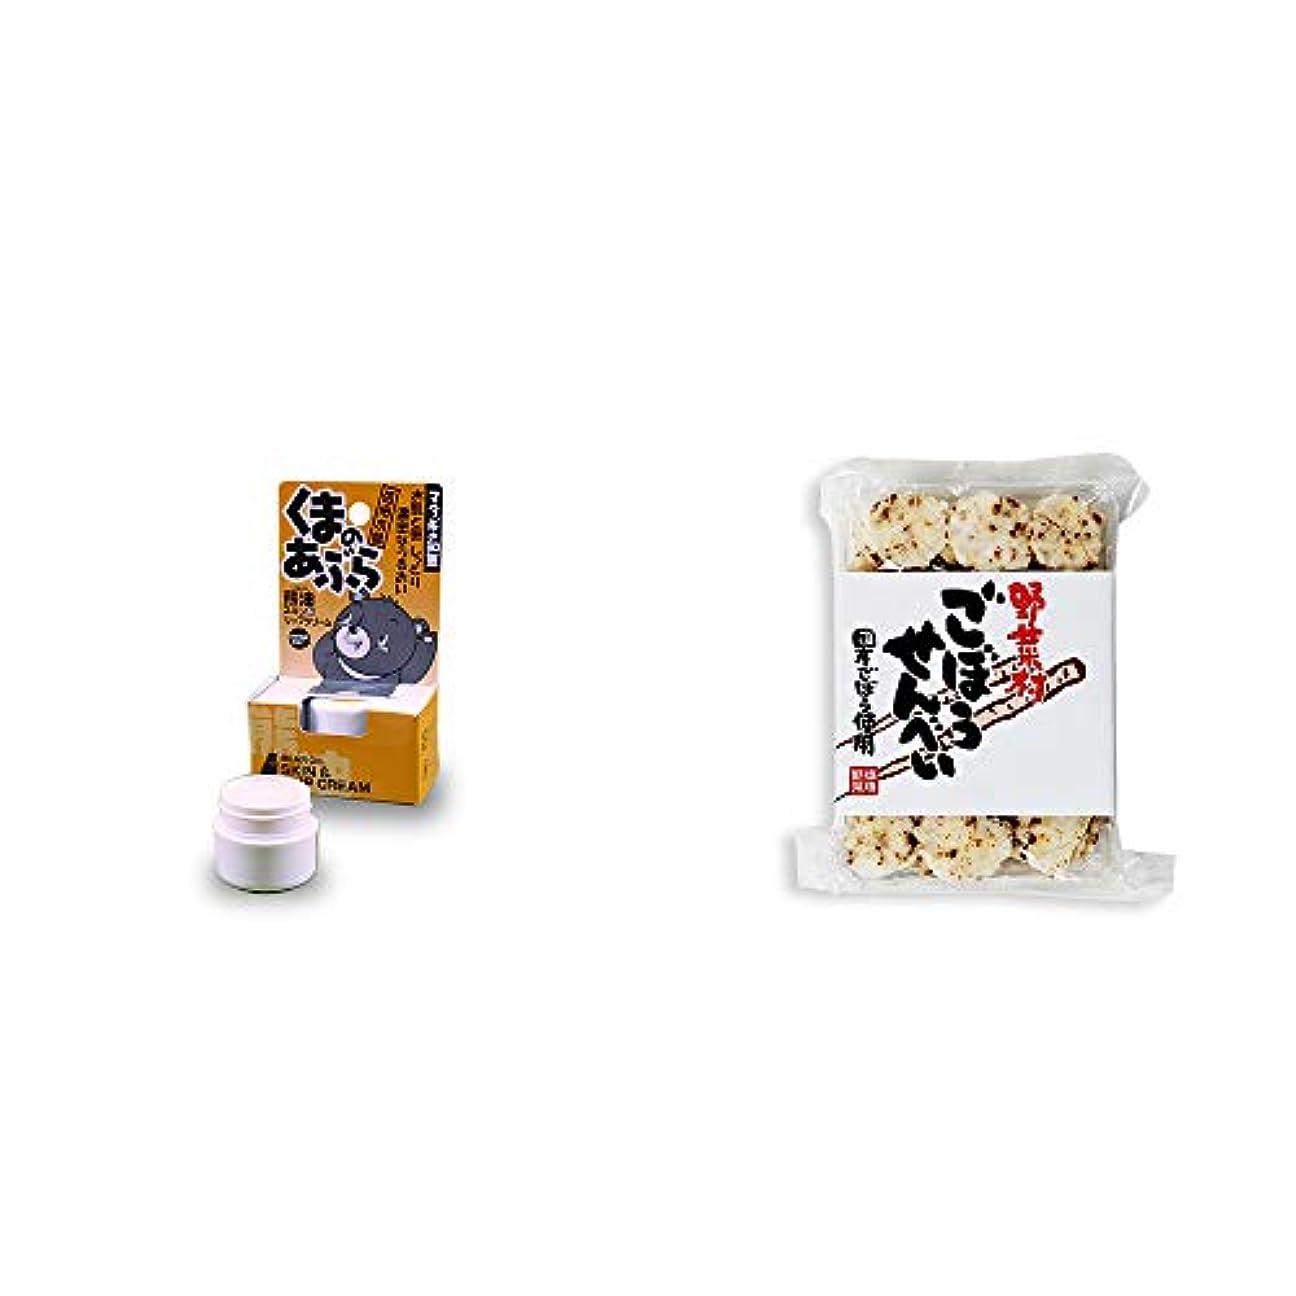 検索エンジン最適化ムスタチオ項目[2点セット] 信州木曽 くまのあぶら 熊油スキン&リップクリーム(9g)?ごぼうせんべい(75g)